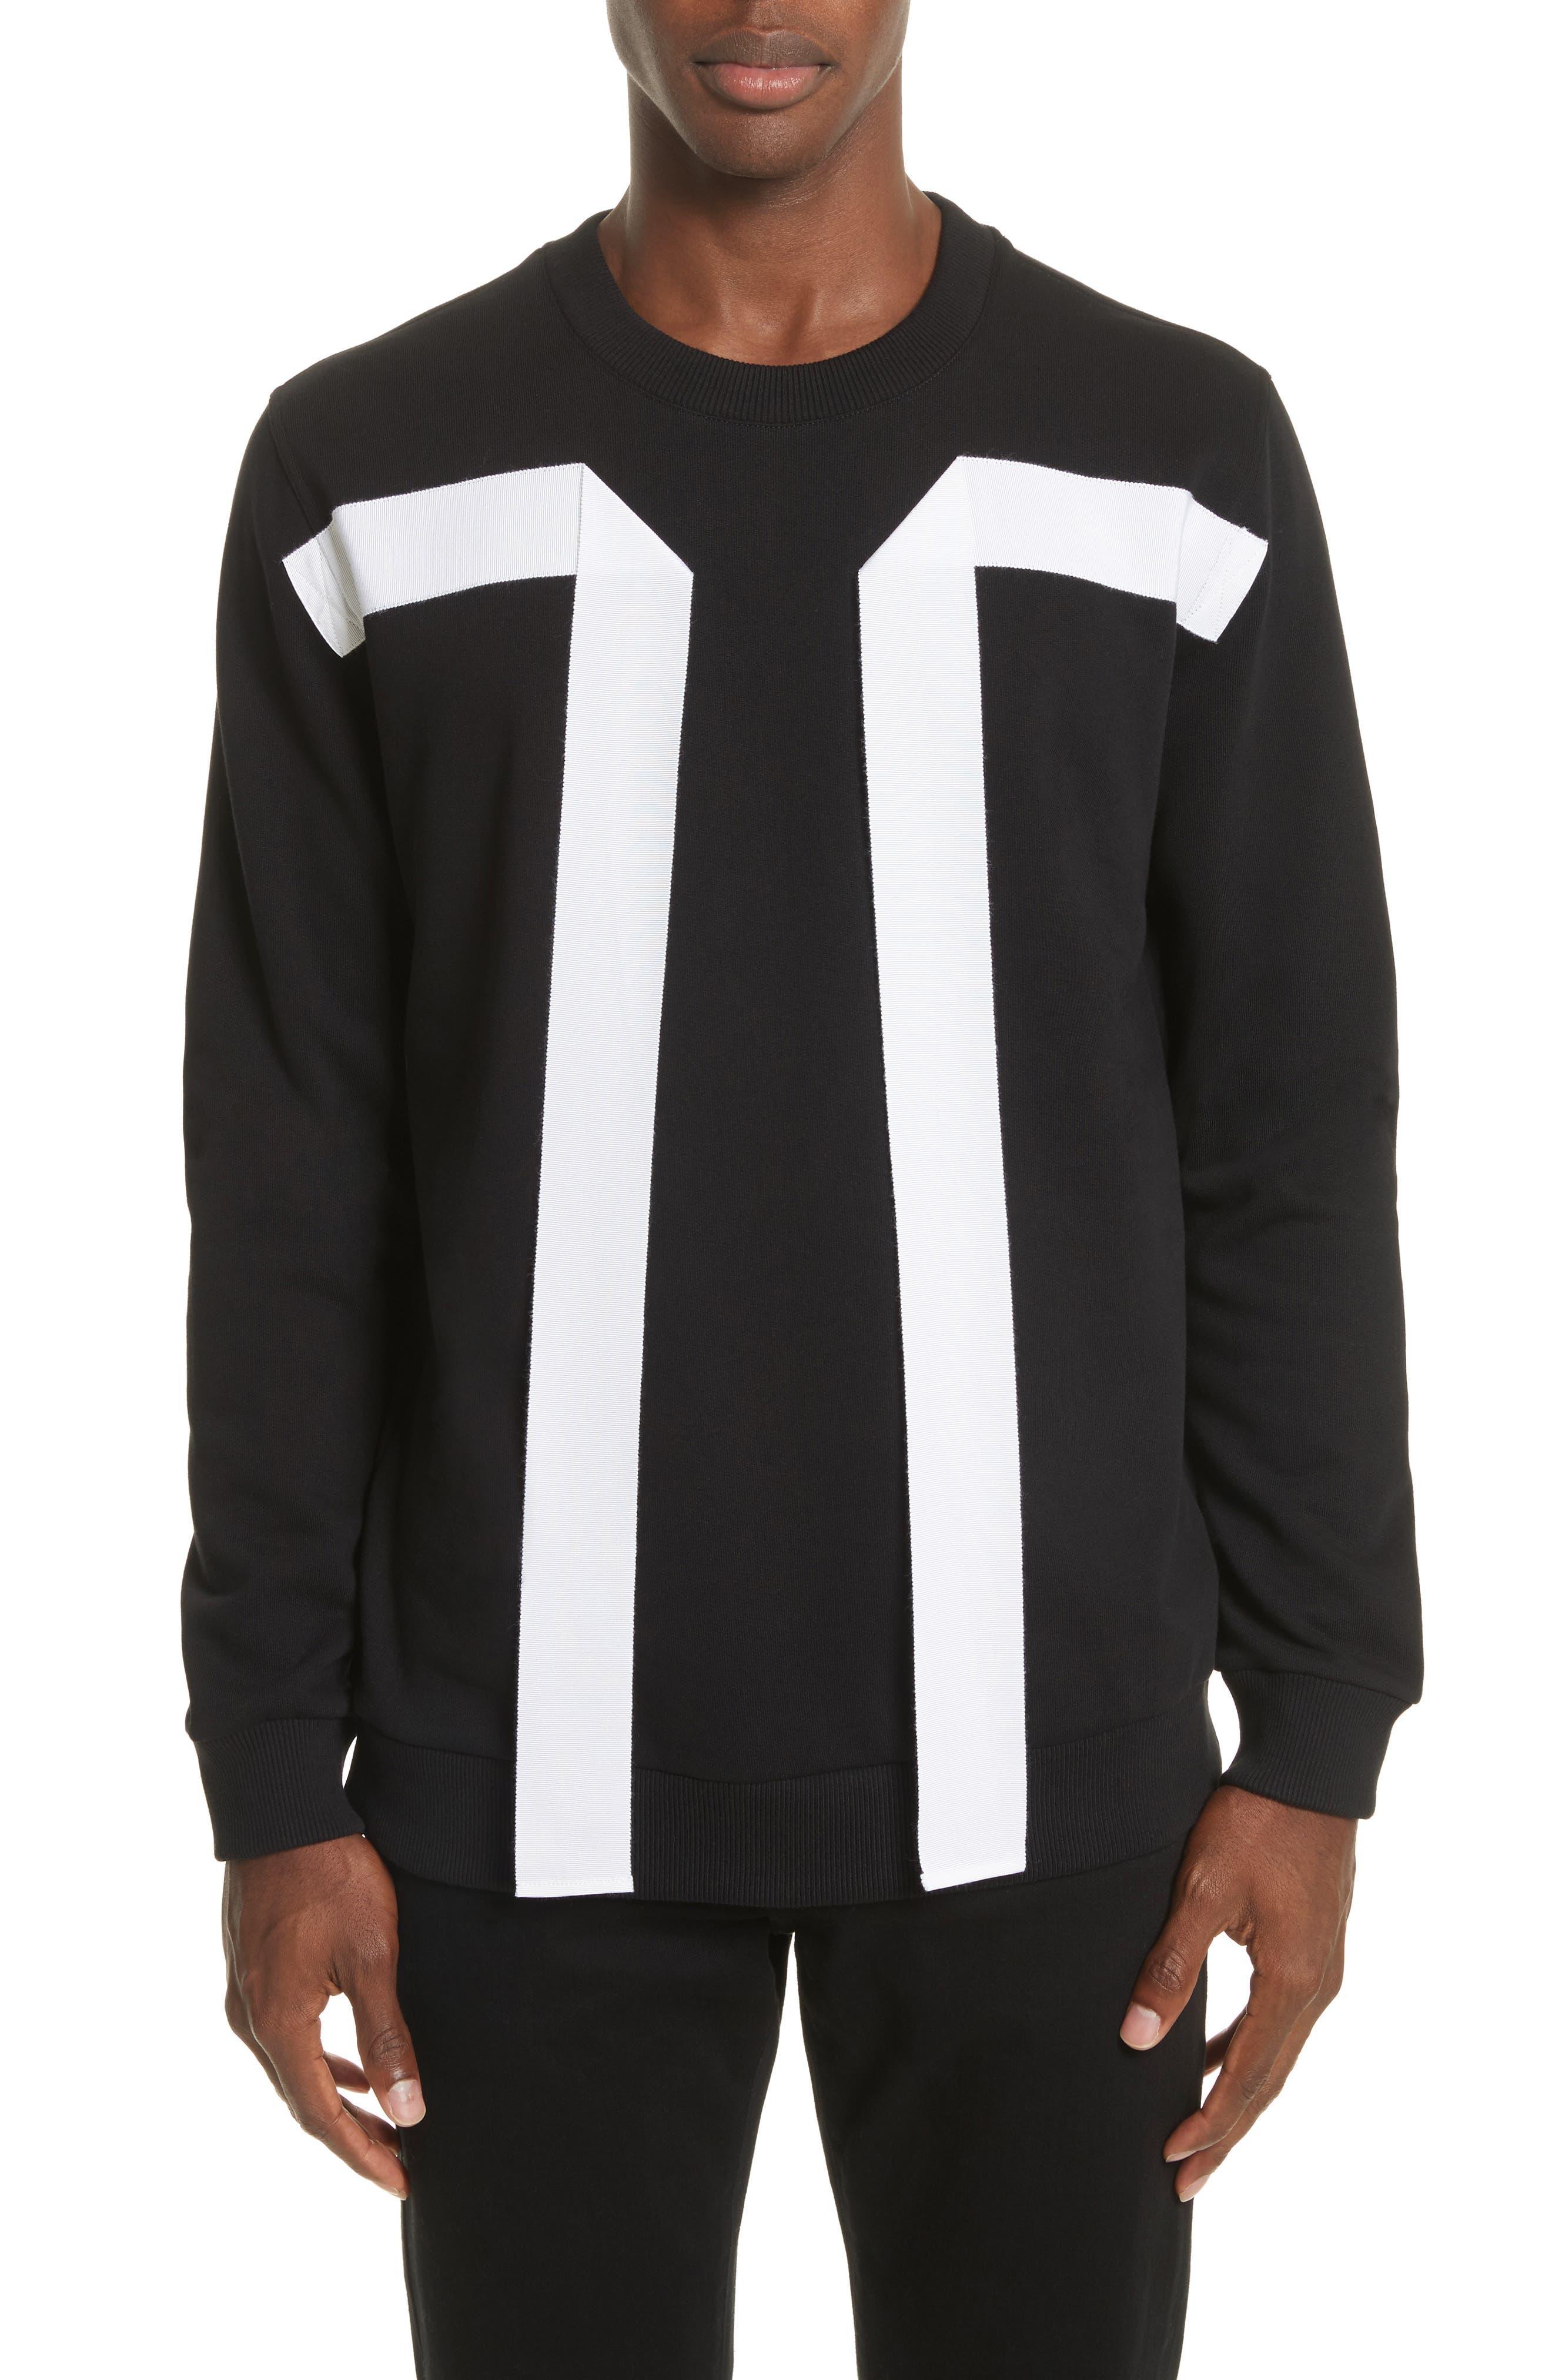 Main Image - Givenchy Flying Bands Crewneck Sweatshirt